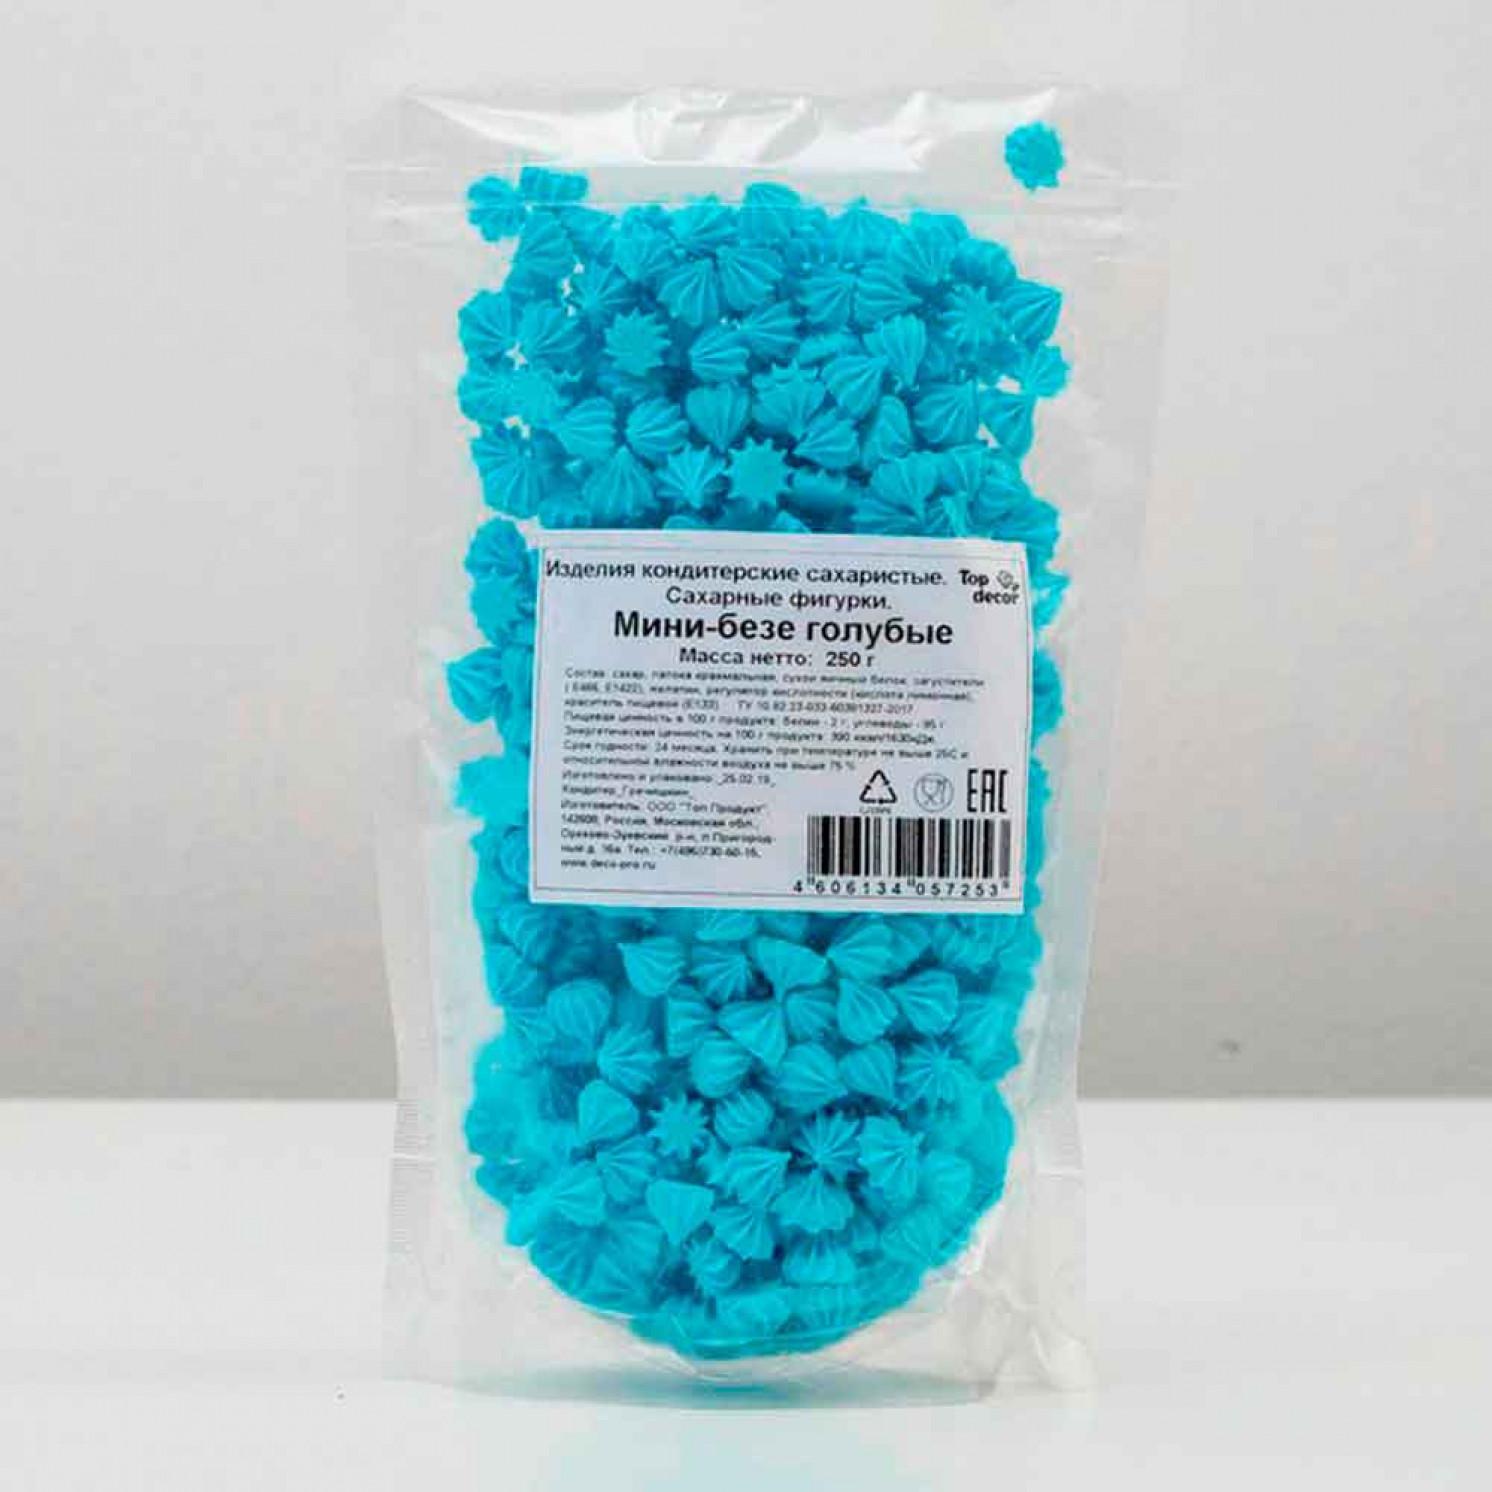 Сахарные фигурки МИНИ-БЕЗЕ, голубые, 250 г